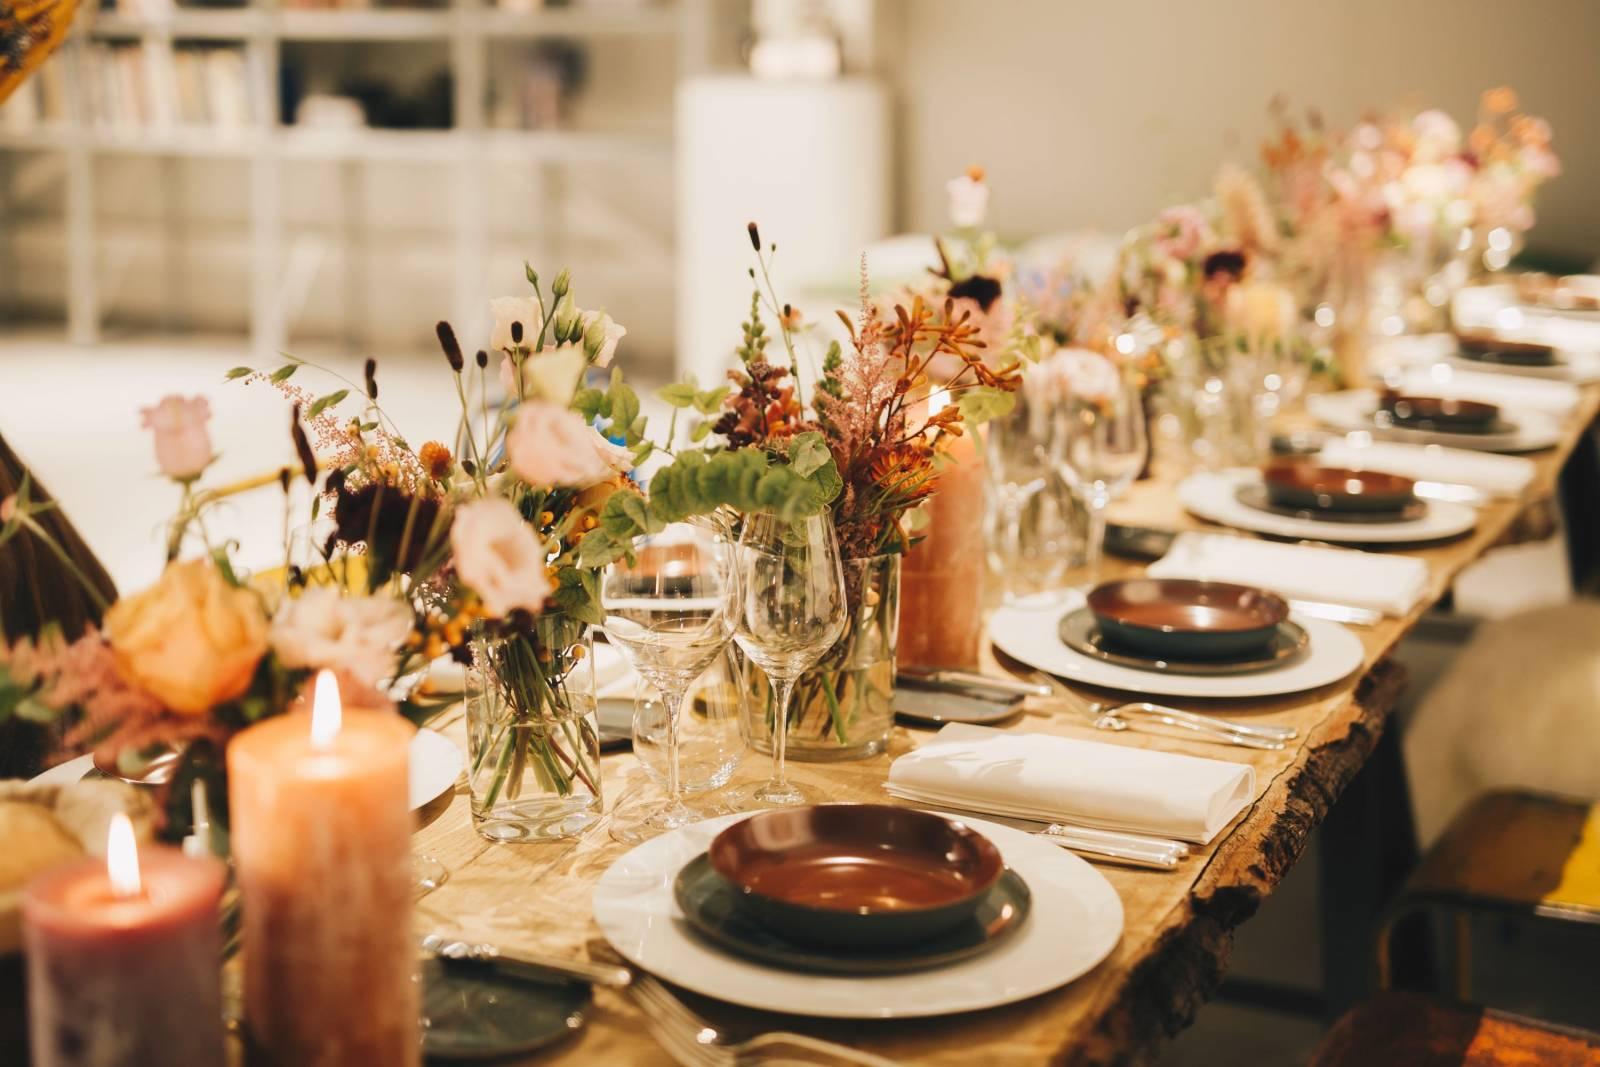 Hendrickx feesten - Catering - Traiteur - Cateraar - House of Events - 28